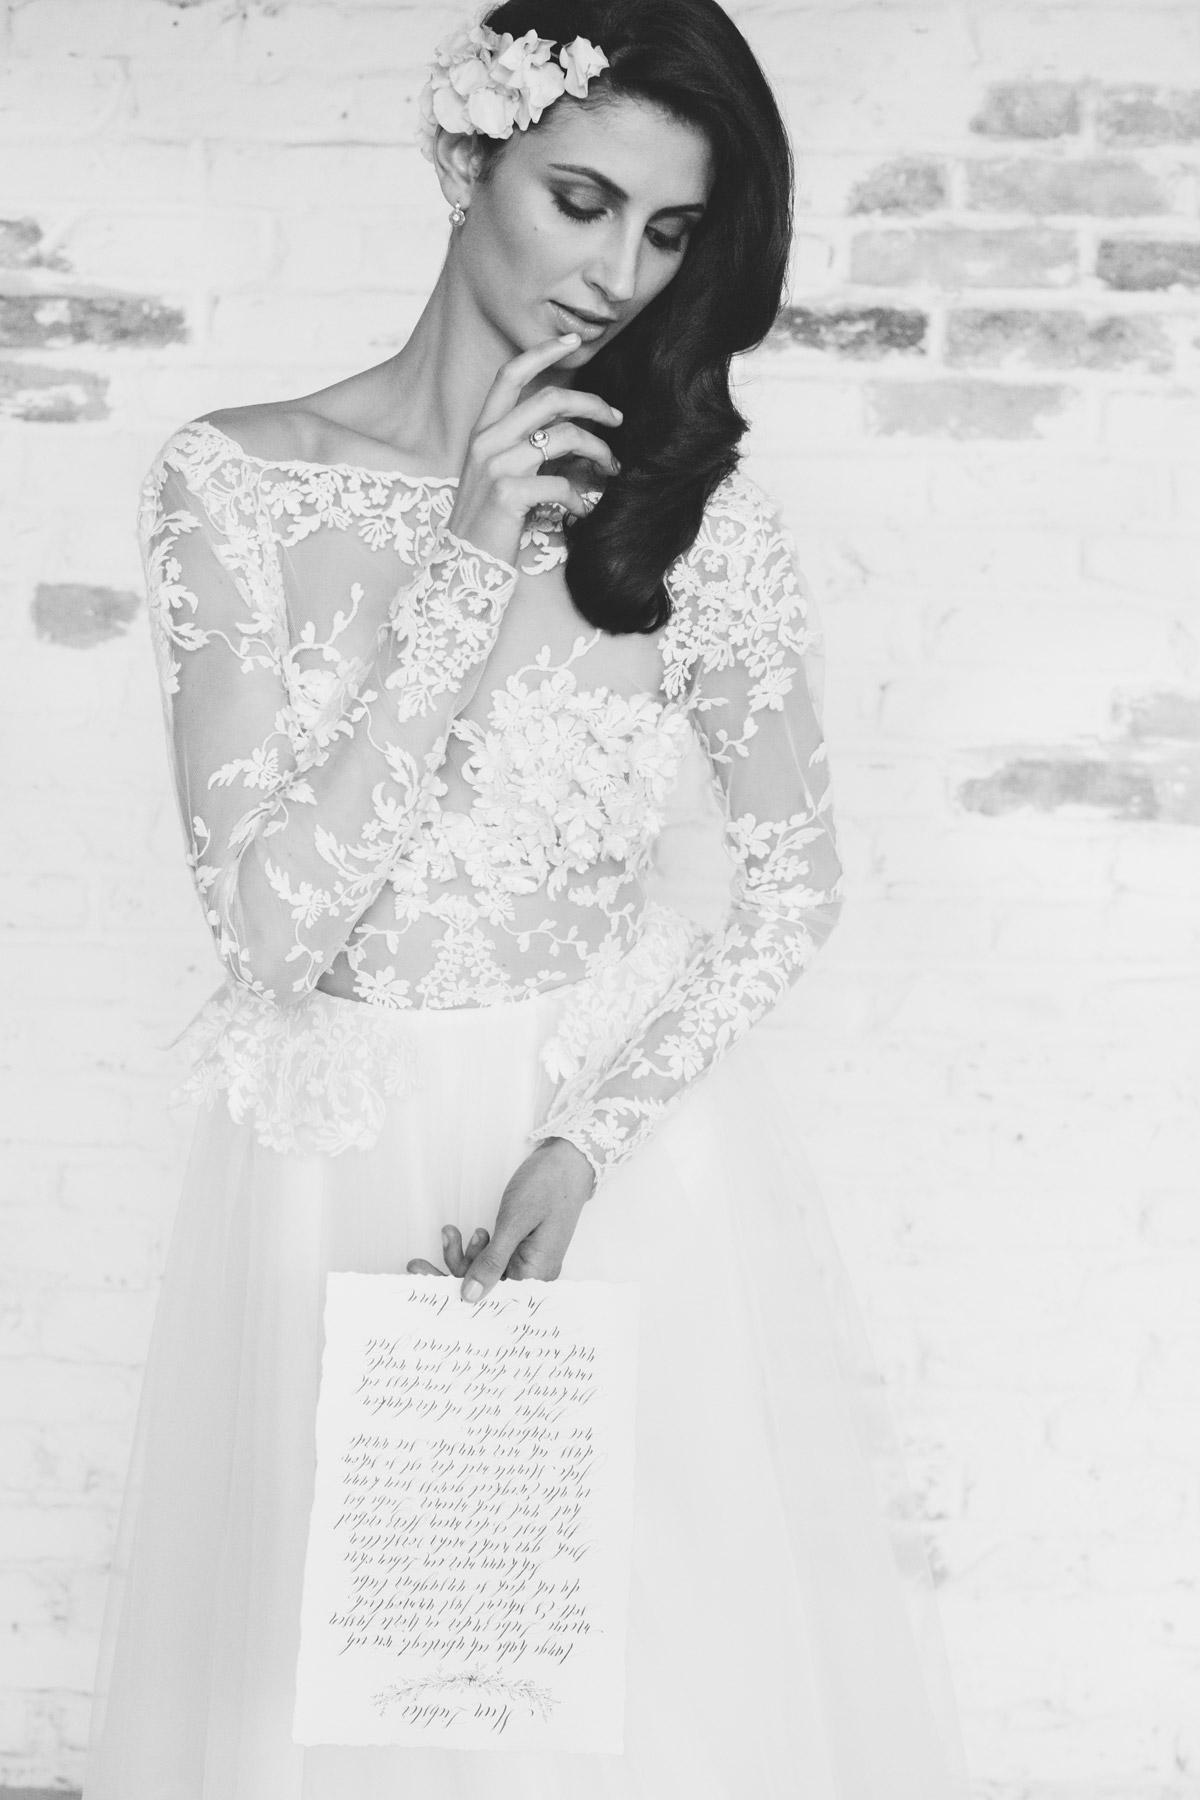 Idee Hochzeitsgeschenk Liebesbrief Hochzeitstag Kalligrafie vintage schnell einfach ausgefallen selbstgemacht DIY - Hochzeitsgeschenk oder Gastegeschenke selbst gemacht persönliches DIY Geschenk als Hochzeitsidee schnell und ausgefallen inklusive gratis Anleitung zum Brief zur Hochzeit ideal zur Unterhaltung der Gäste oder Trauzeugin © www.hochzeitslicht.de #hochzeitslicht